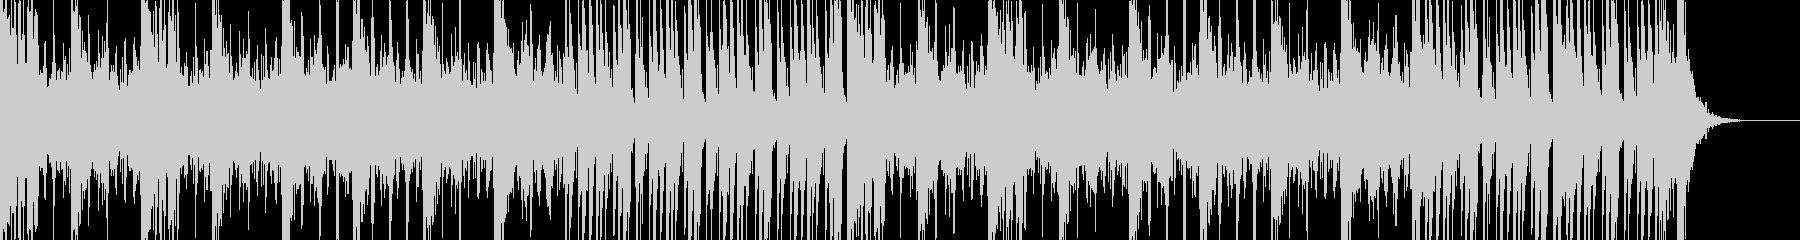 和太鼓と掛け声の未再生の波形